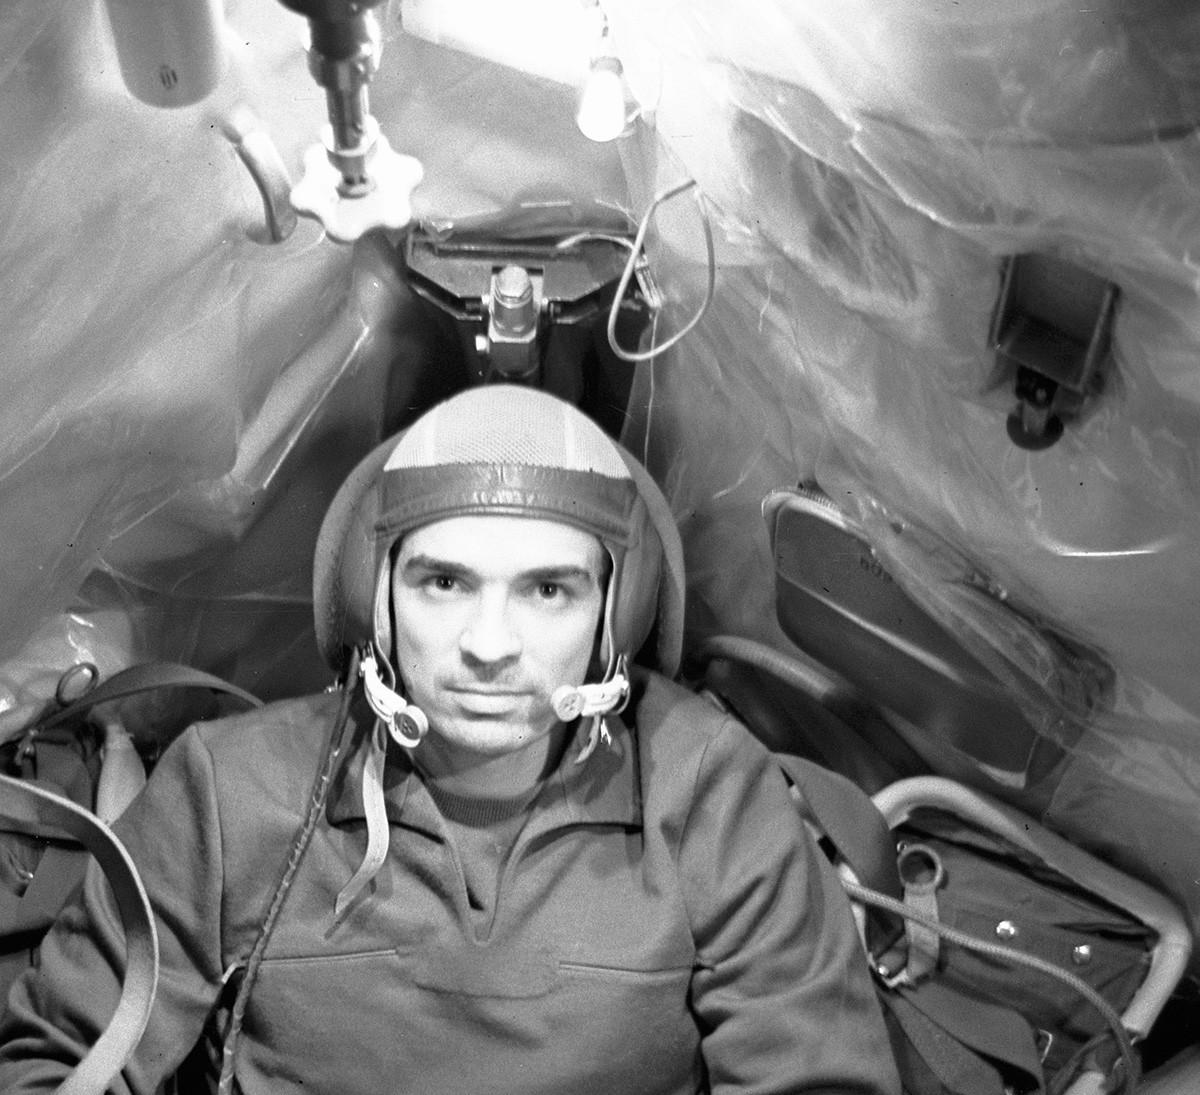 Viatcheslav Zoudov durant un entrainement à bord d'un simulateur